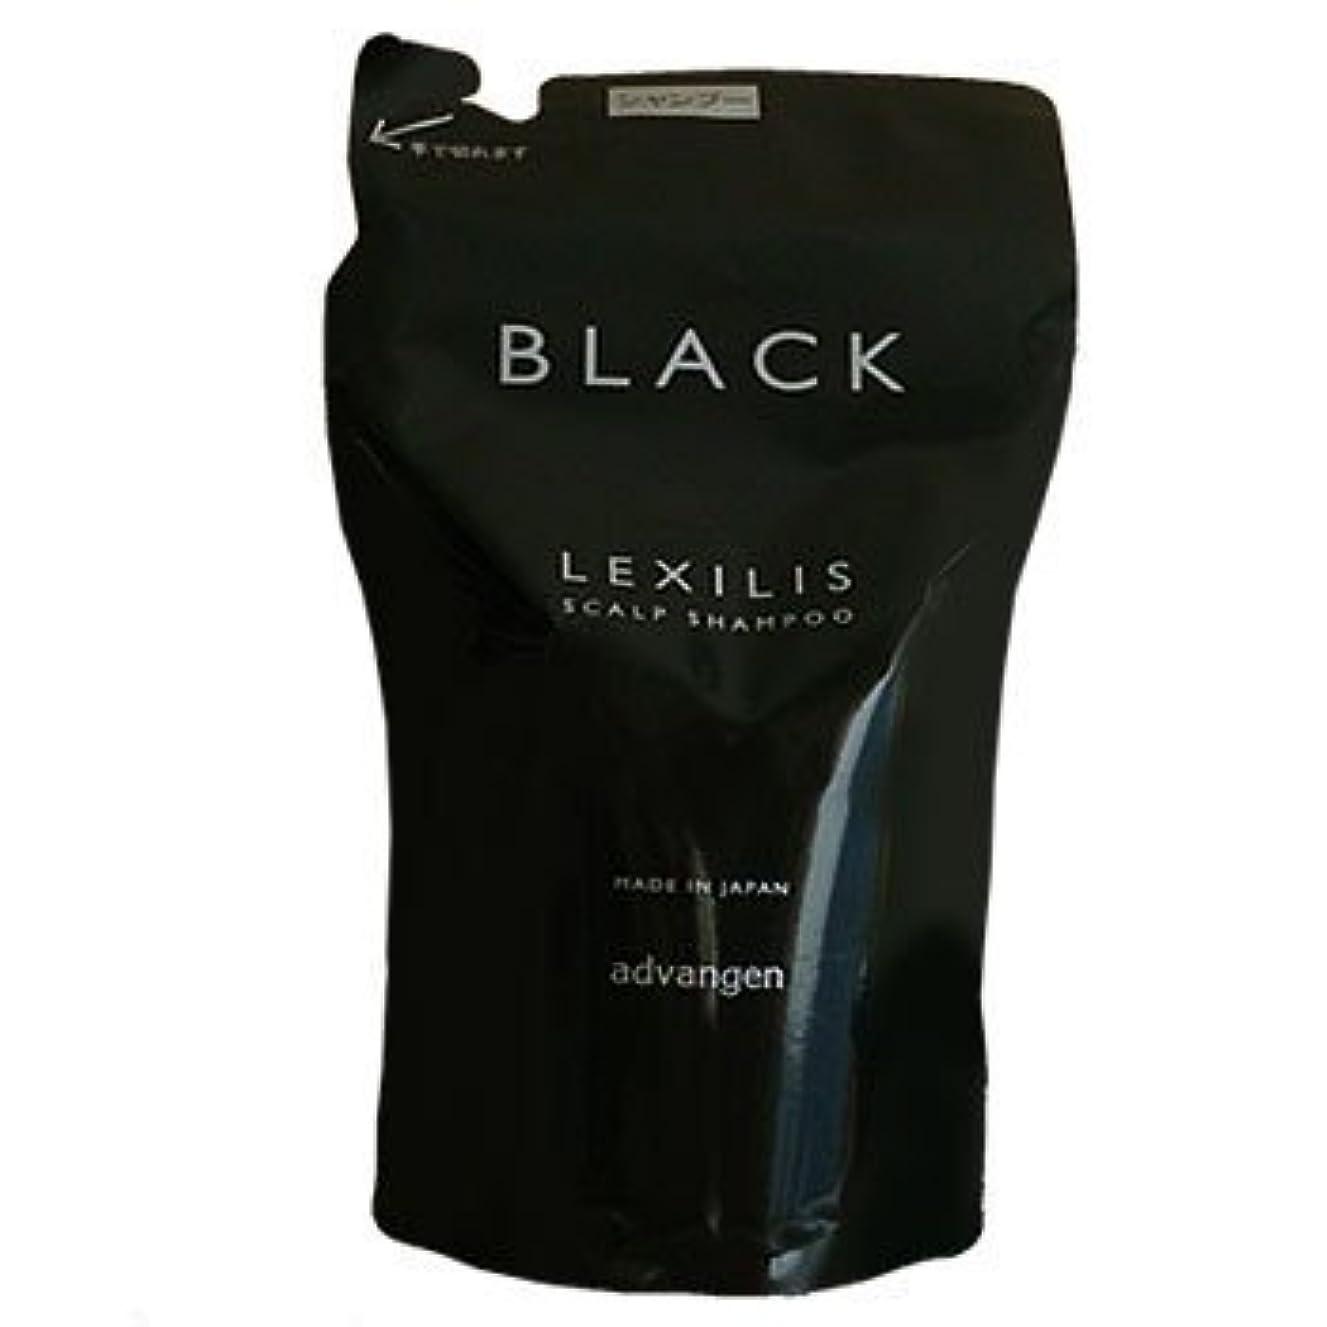 も事前に製品advangen(アドバンジェン) レキシリス ブラック スカルプシャンプー 700ml レフィル